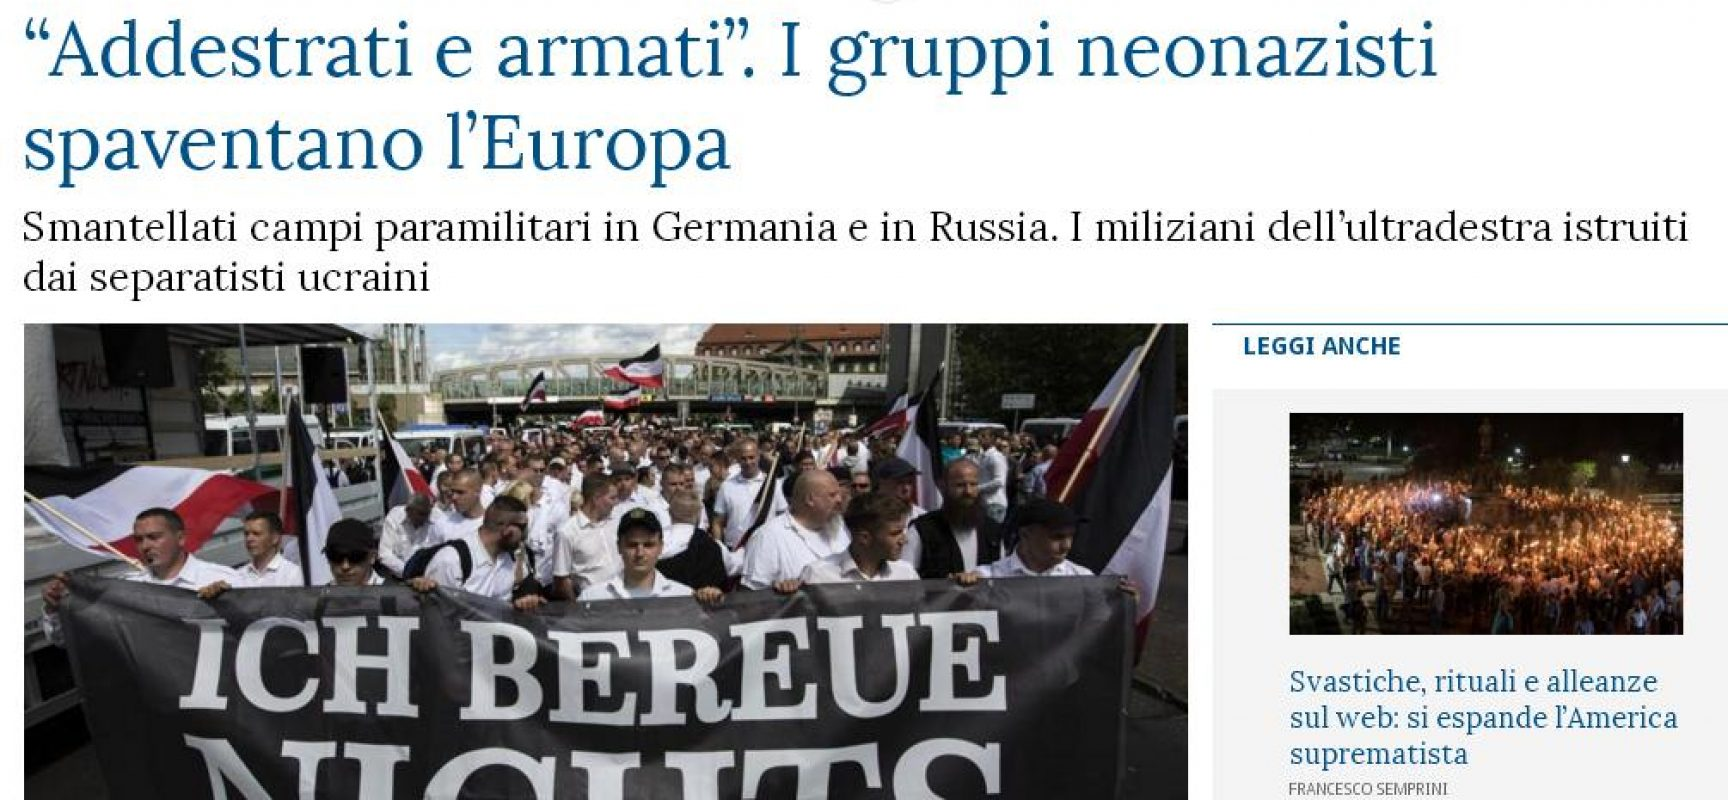 Il Donbas è un grande campo di addestramento per i neonazisti europei